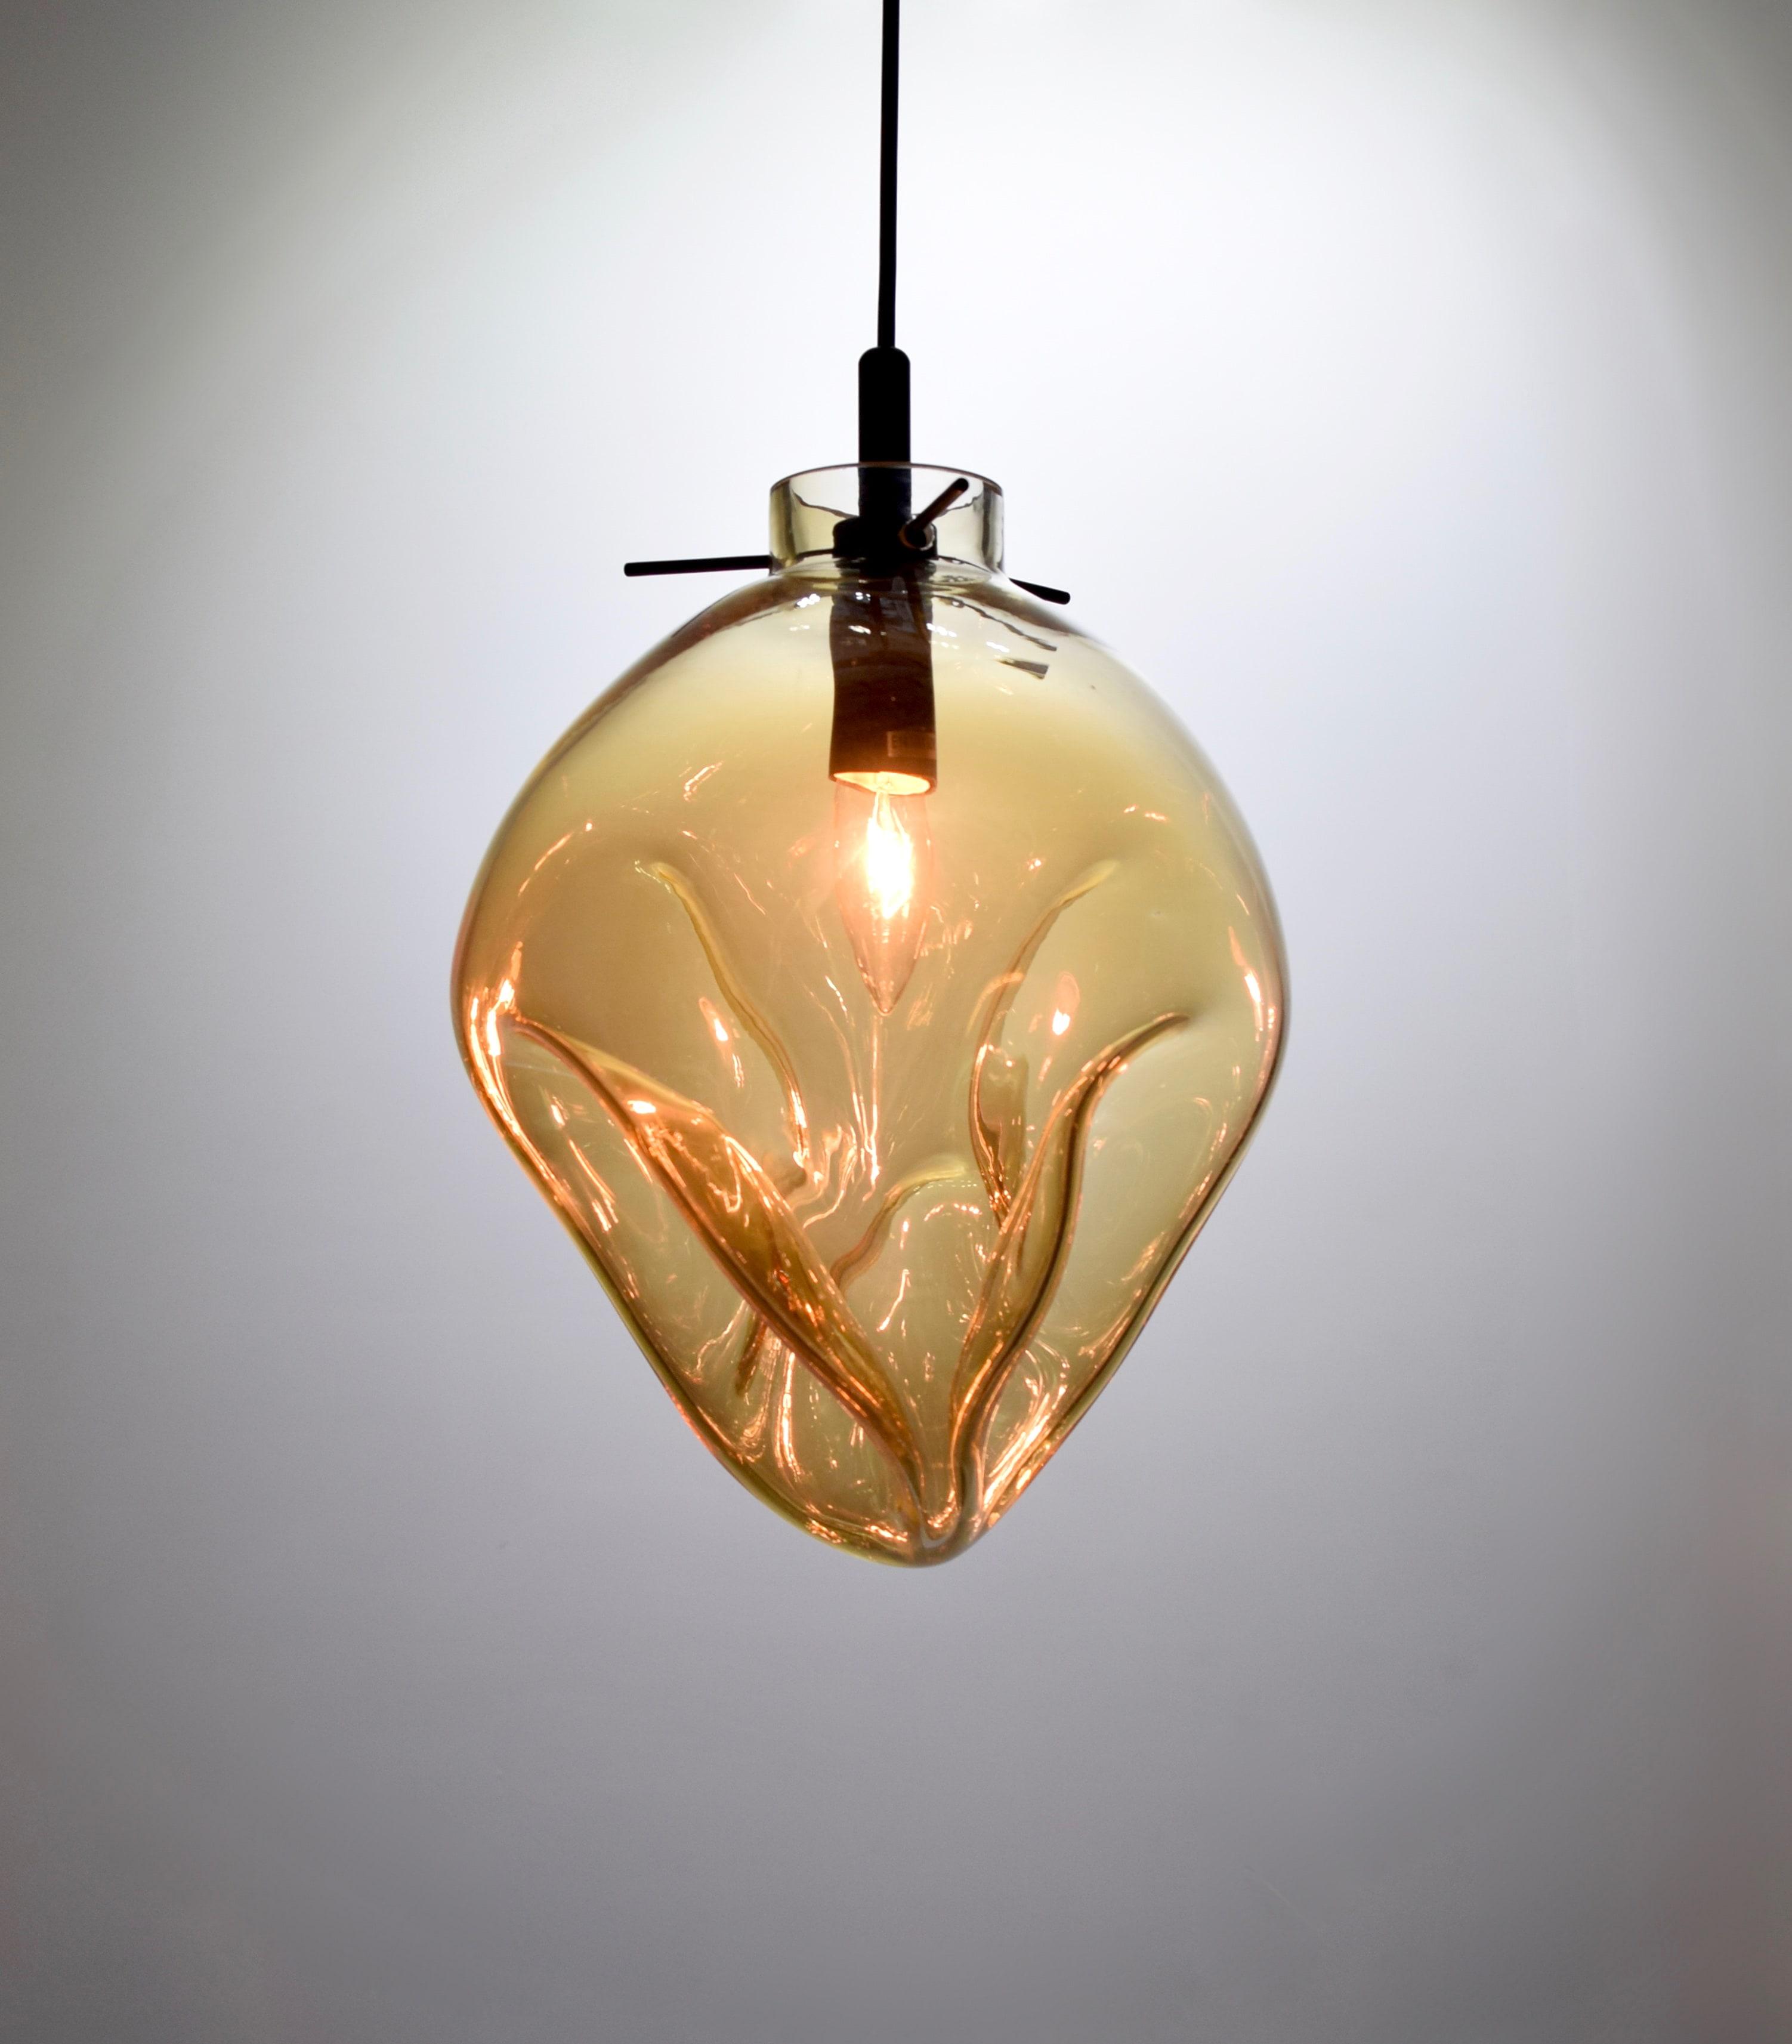 手工吹製琥珀色玻璃吊燈-BNL00114 2